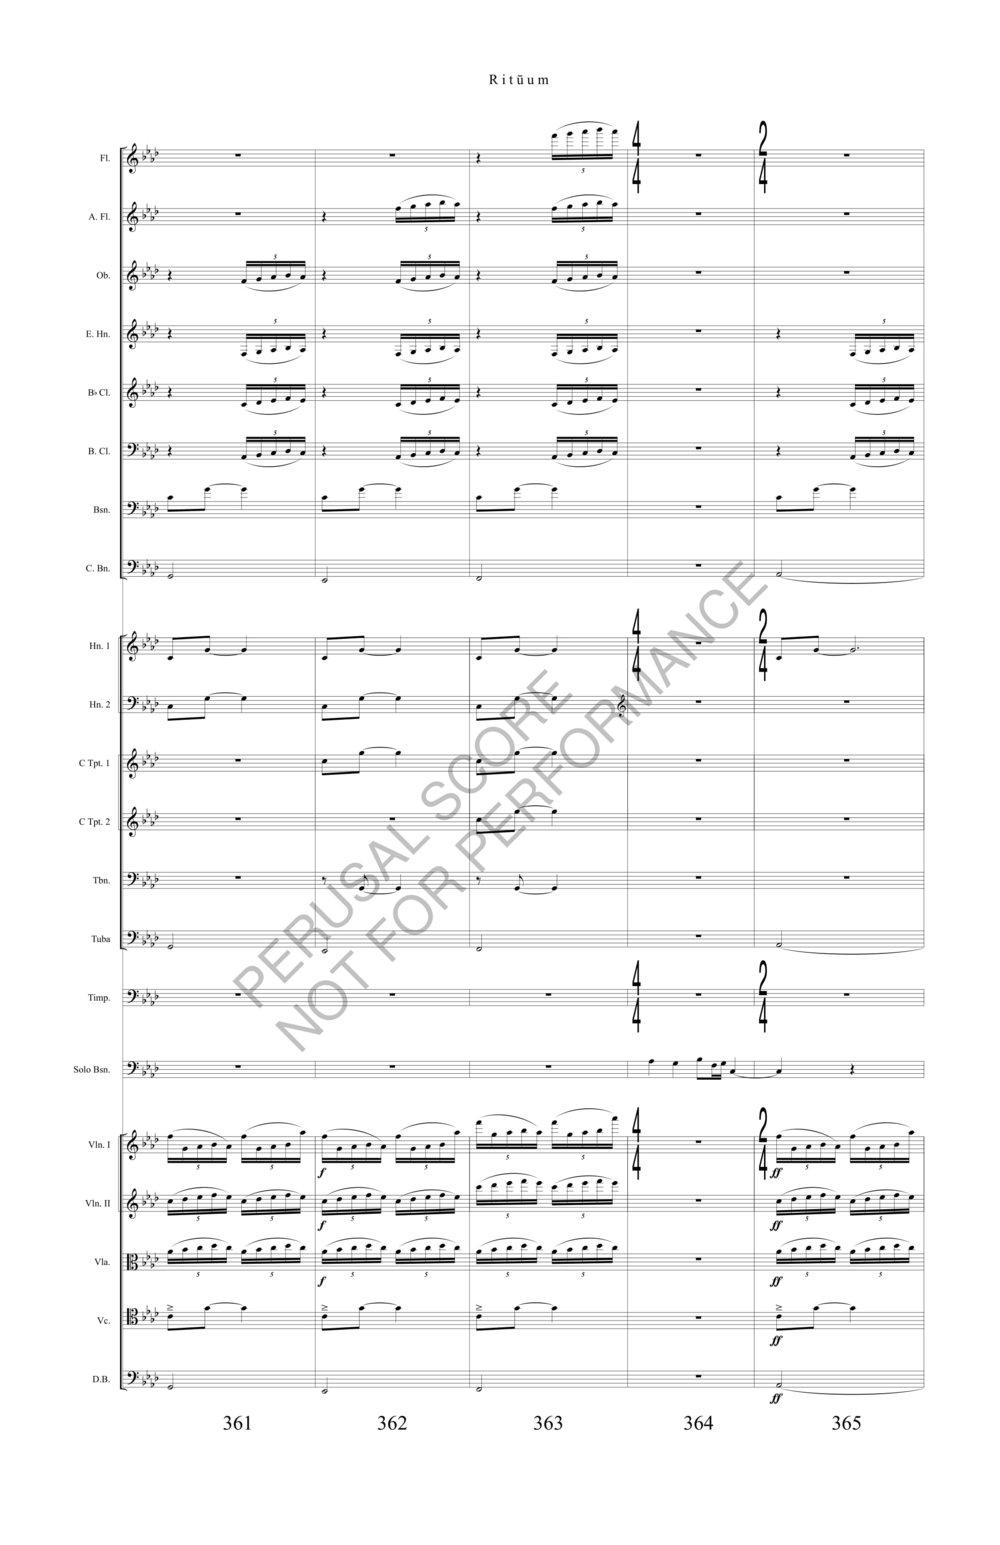 Boyd Rituum Score-watermark (1)-81.jpg